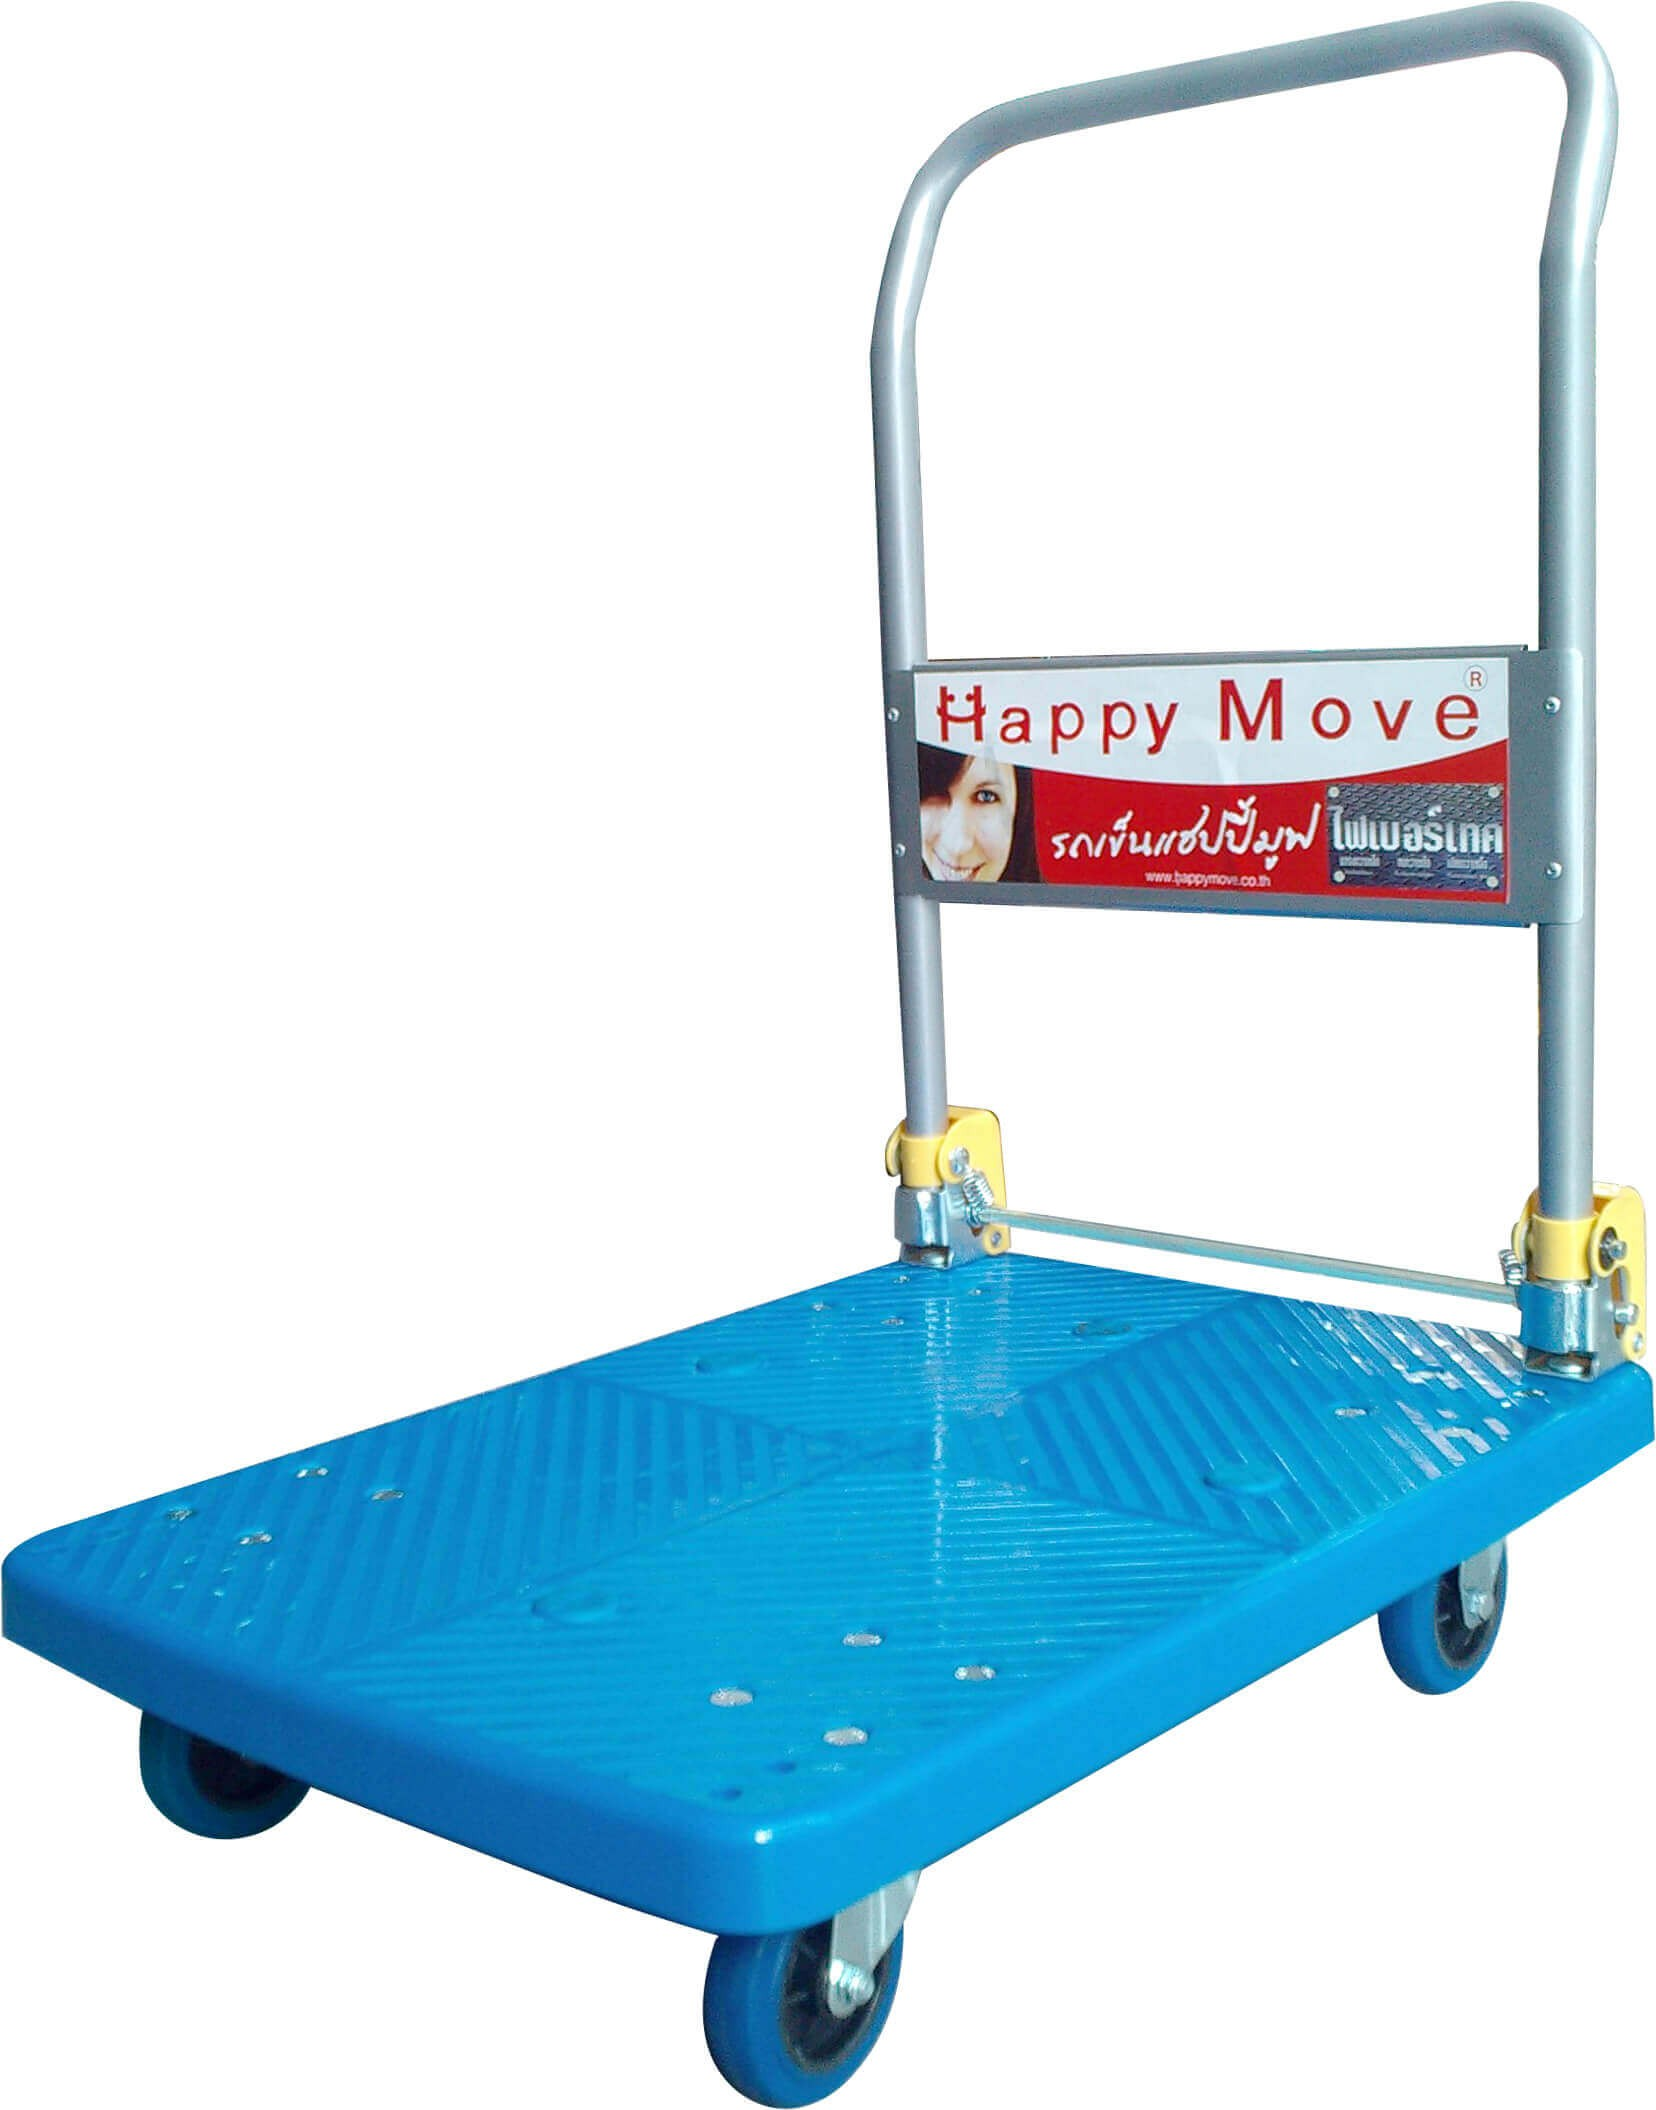 รถเข็นไฟเบอร์แฮนด์พับได้ 1ชั้น Happy Move HM211 (300kg.)